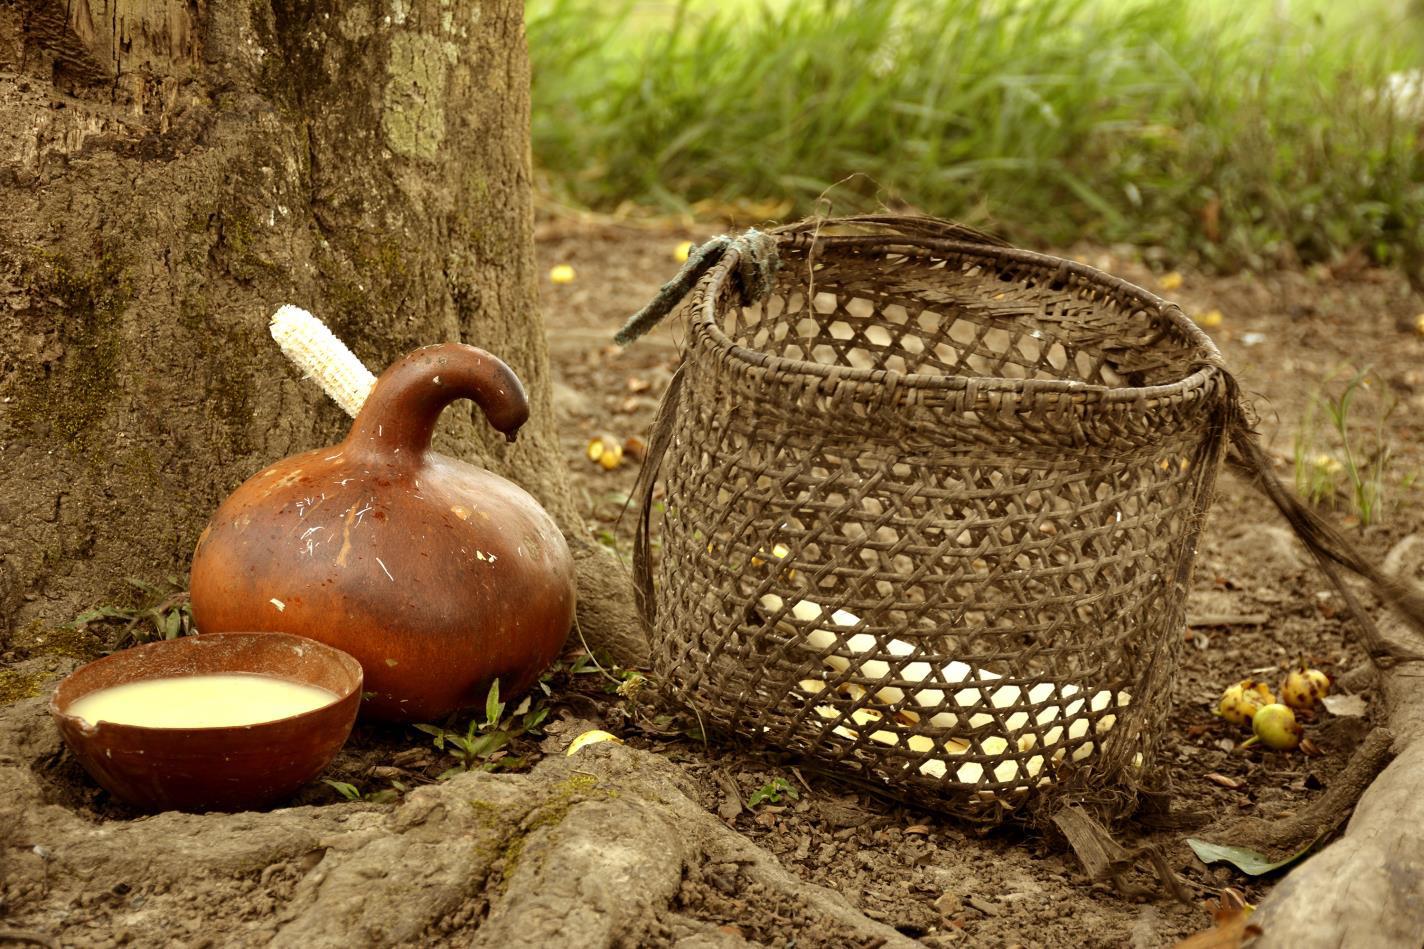 De nunkui a Luisa la tecnica tradicional de elaborar chicha de yuca5-Paola Alexandra Moreno Campoerde-Ecuador